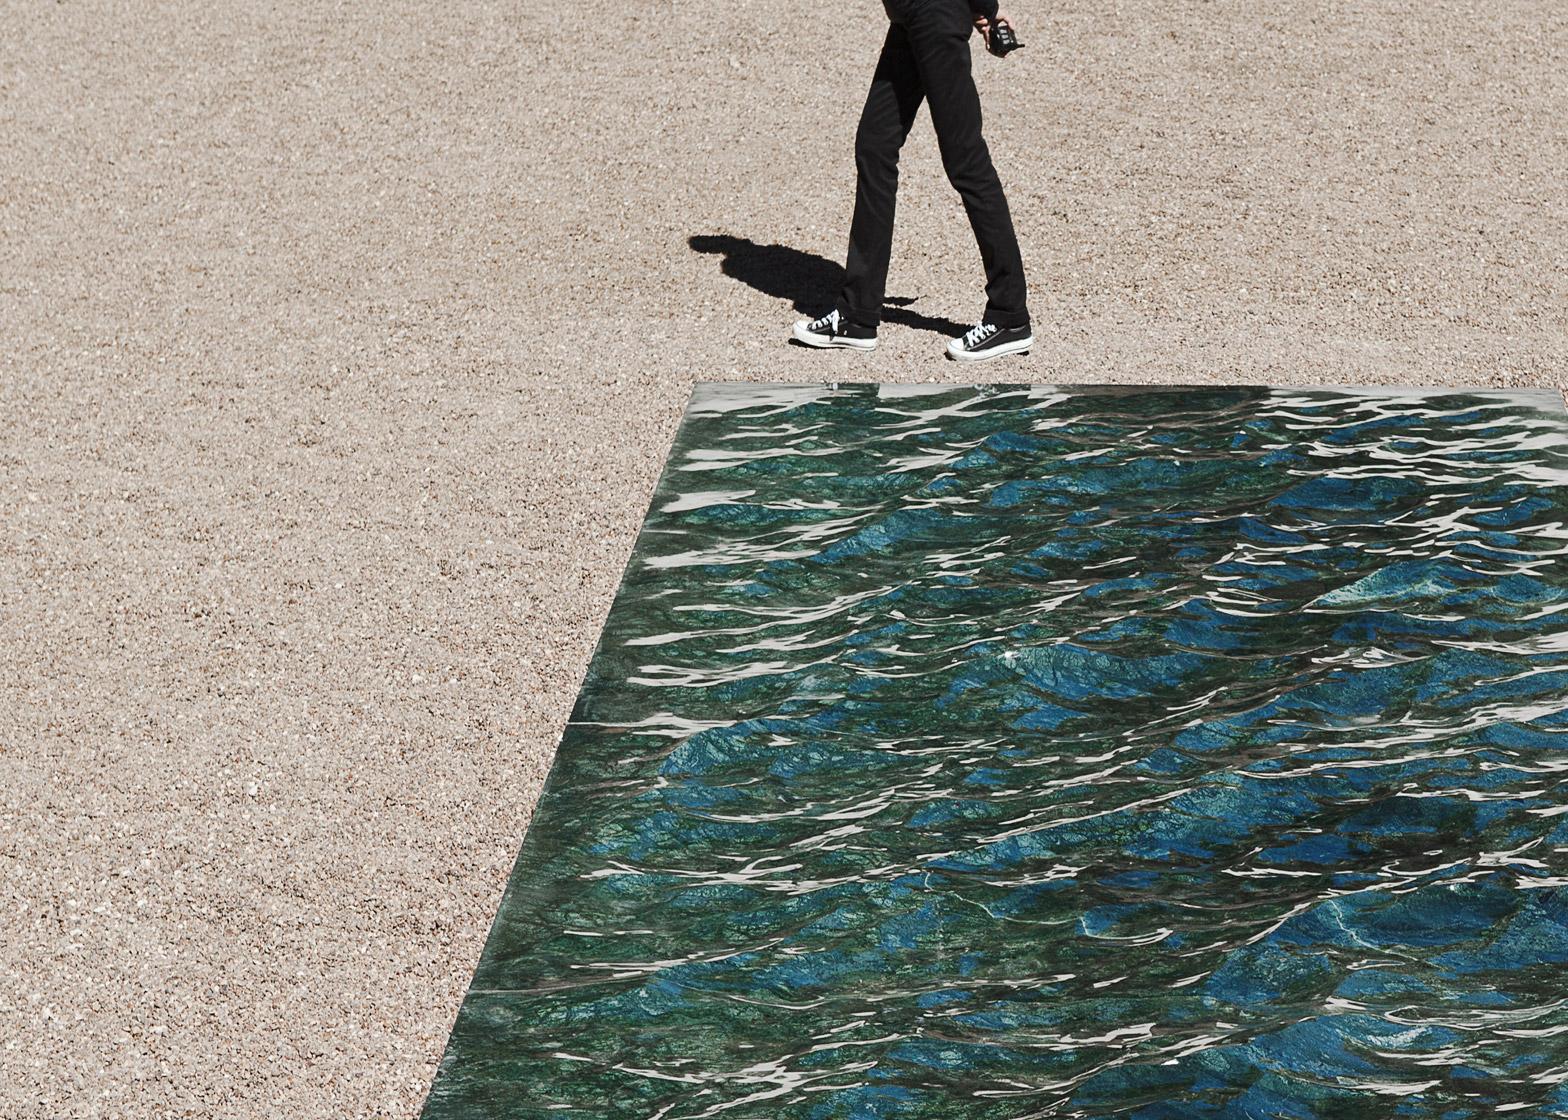 Swimming-Pool aus Marmor mathieu lehanneur